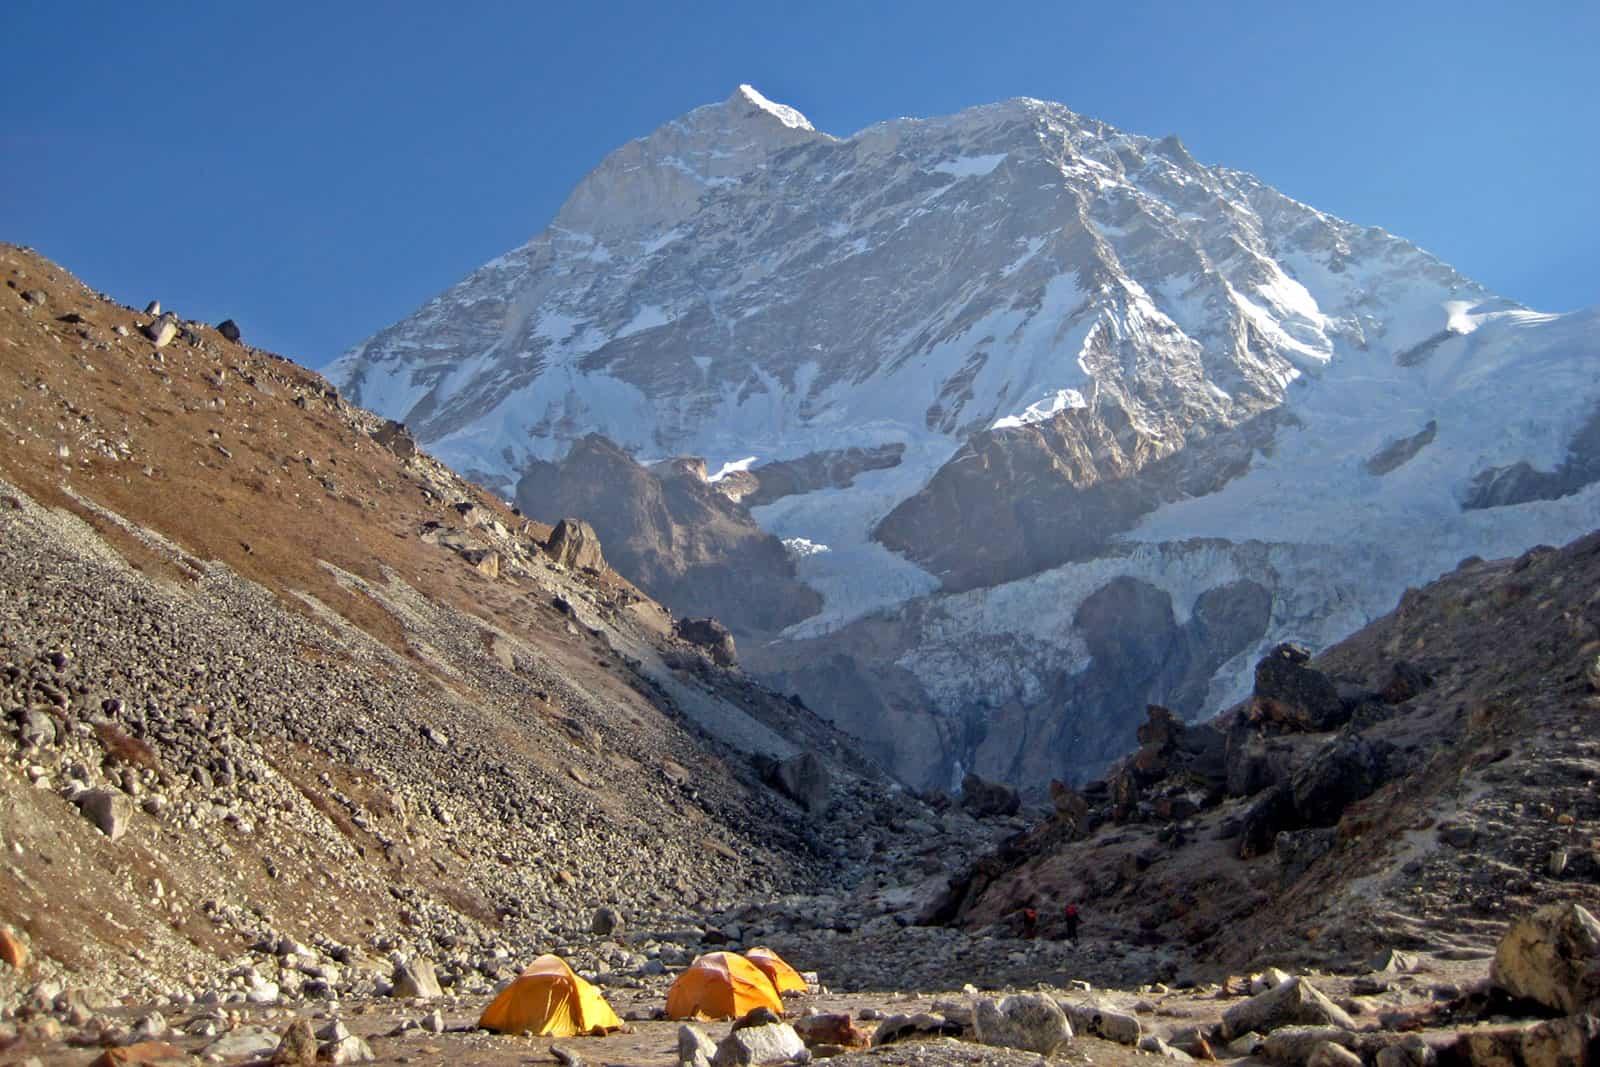 Acampamento em vale junto a pico nevado